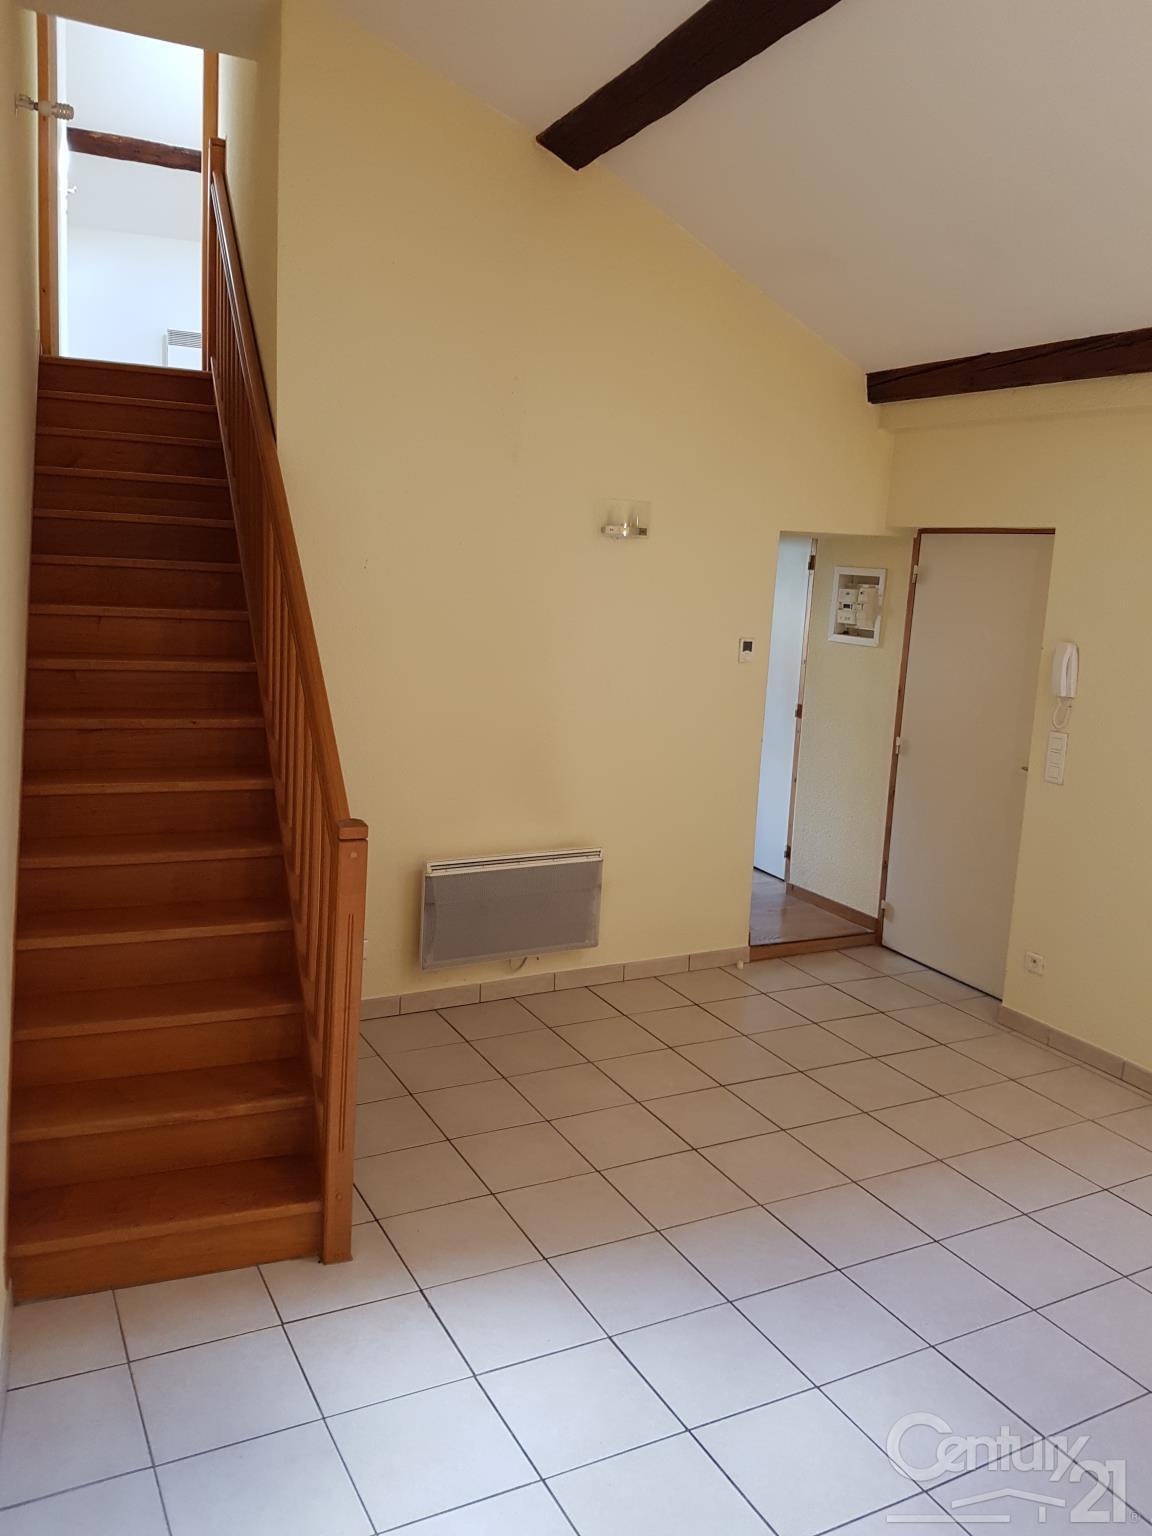 location chambre 69220